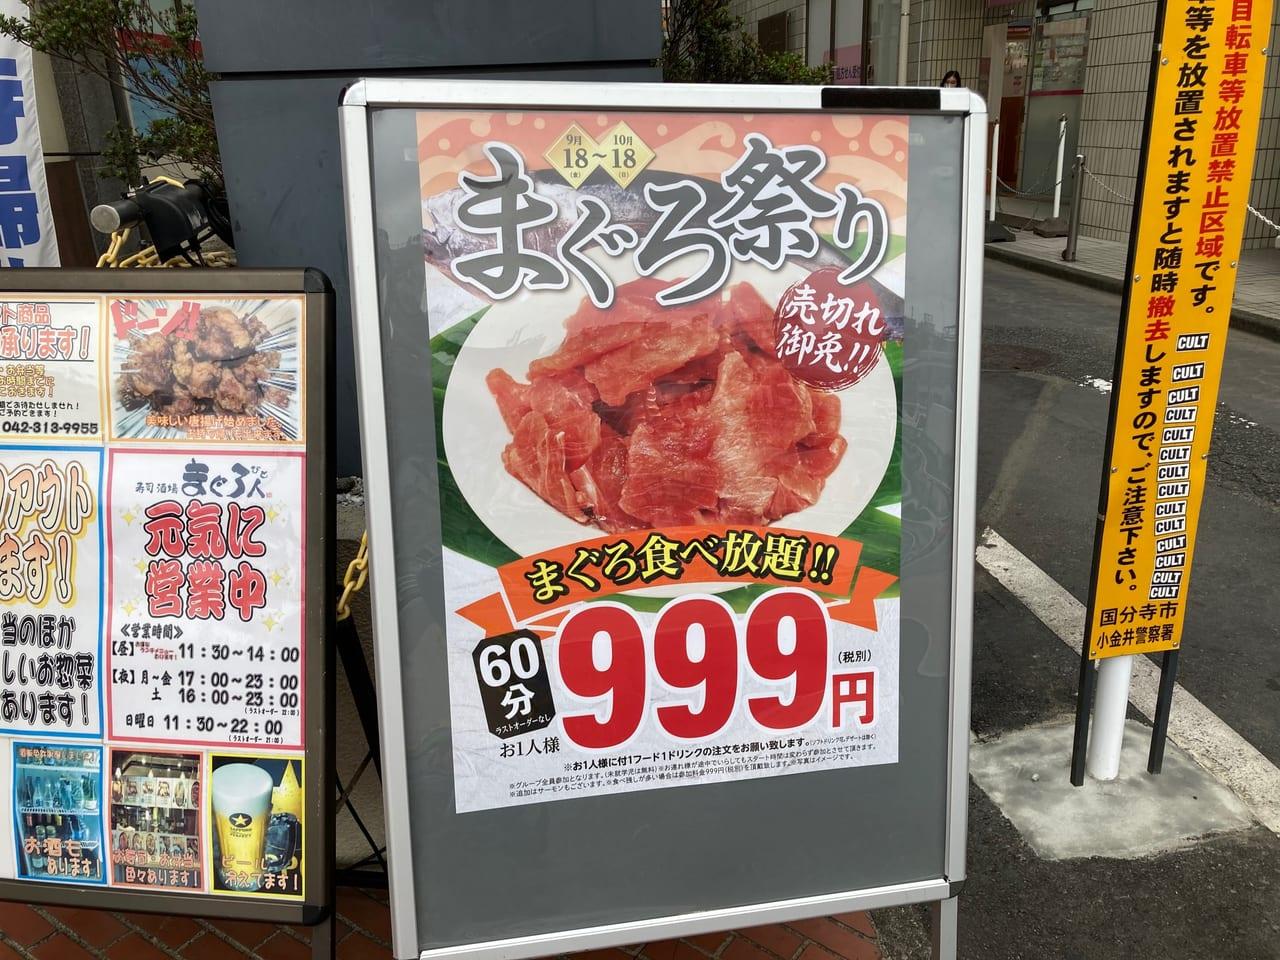 メディアでも話題だった❝いくらかけ放題❞の次は❝まぐろ食べ放題❞『寿司酒場 まぐろ人』で開催中!!